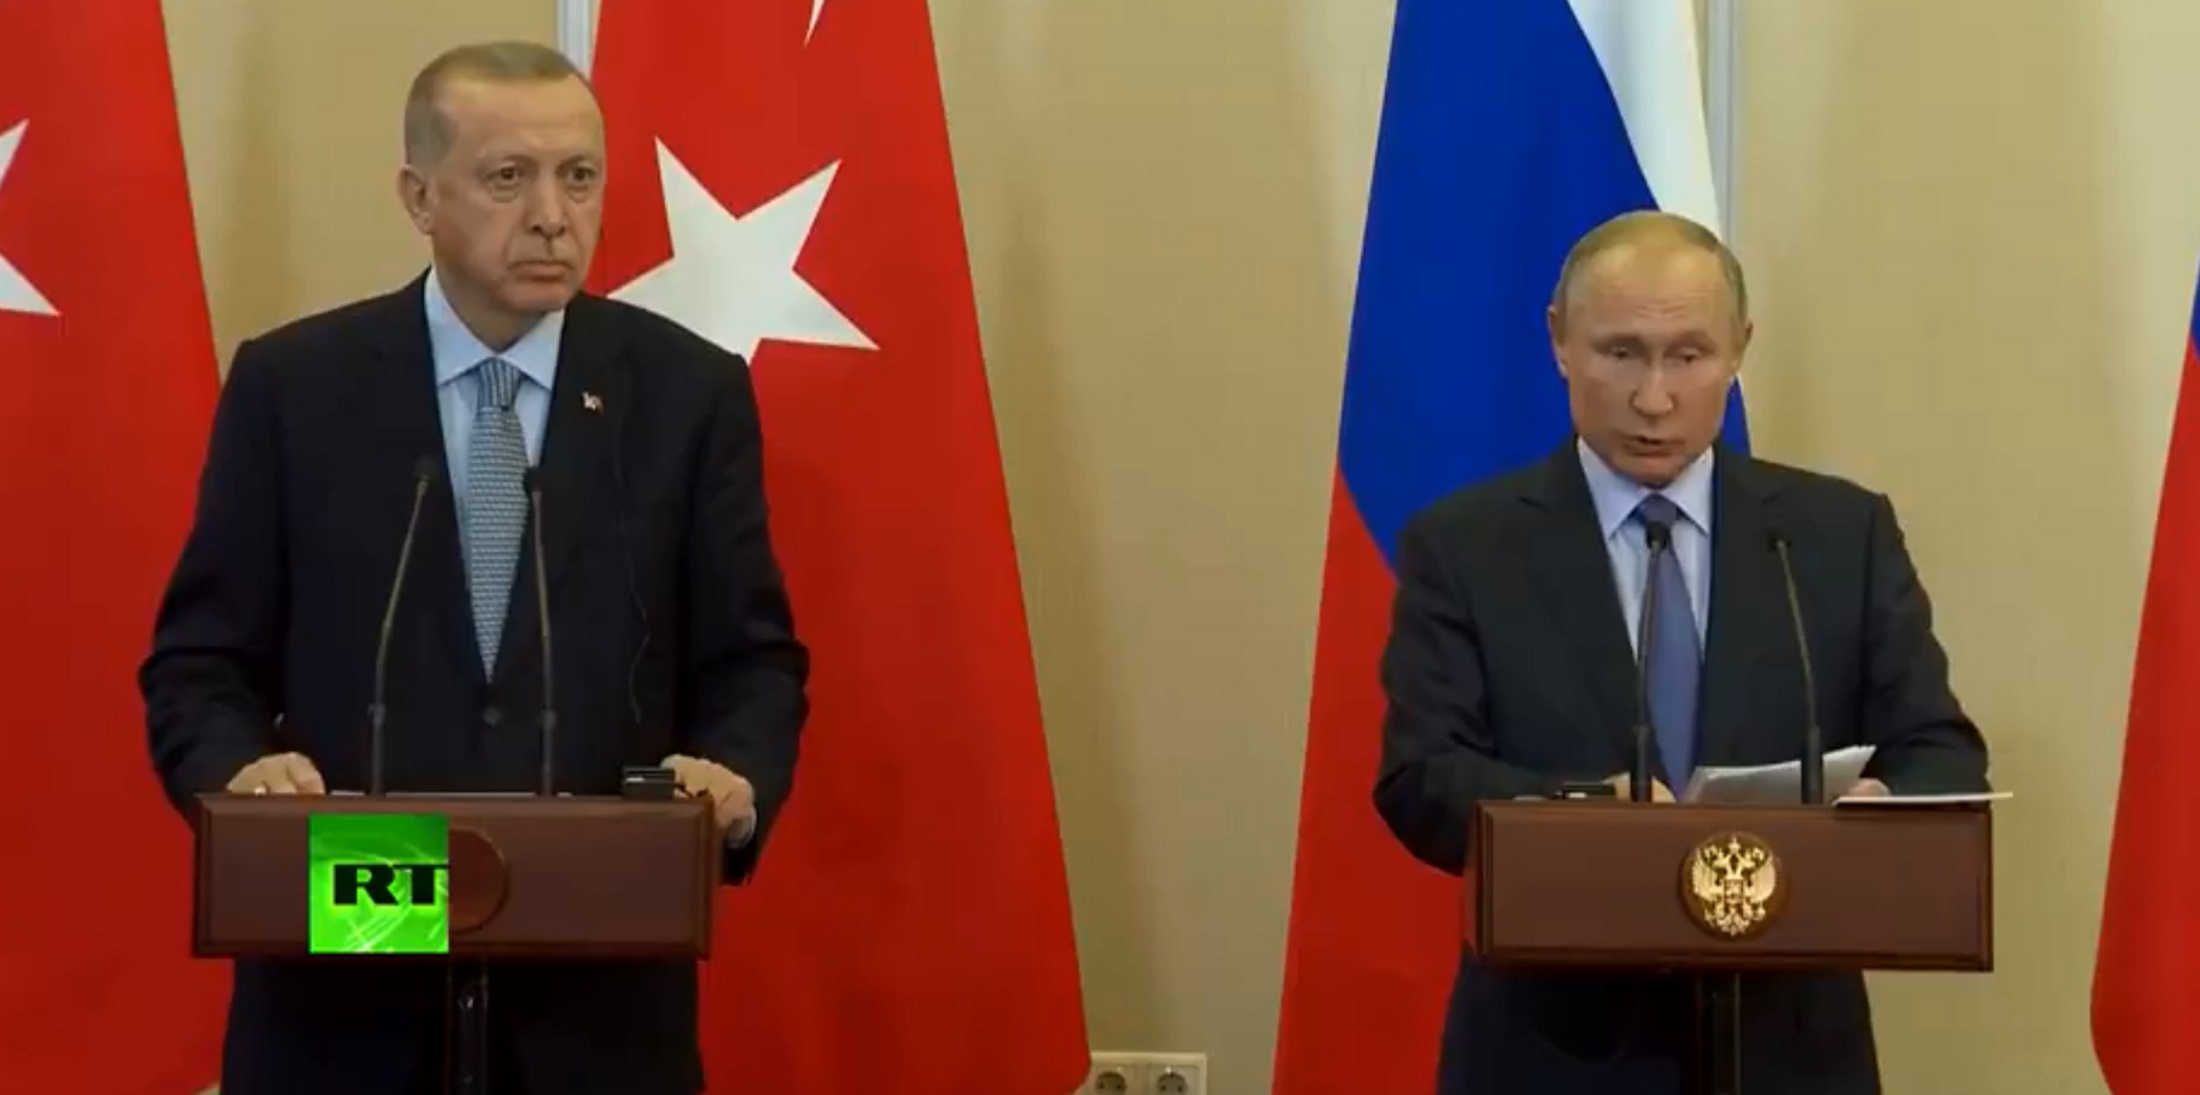 """Νέα εκεχειρία 150 ωρών στη Συρία! Εκτός """"παιχνιδιού"""" οι Κούρδοι που αναγκάζονται να αποχωρήσουν από τα σύνορα με την Τουρκία"""